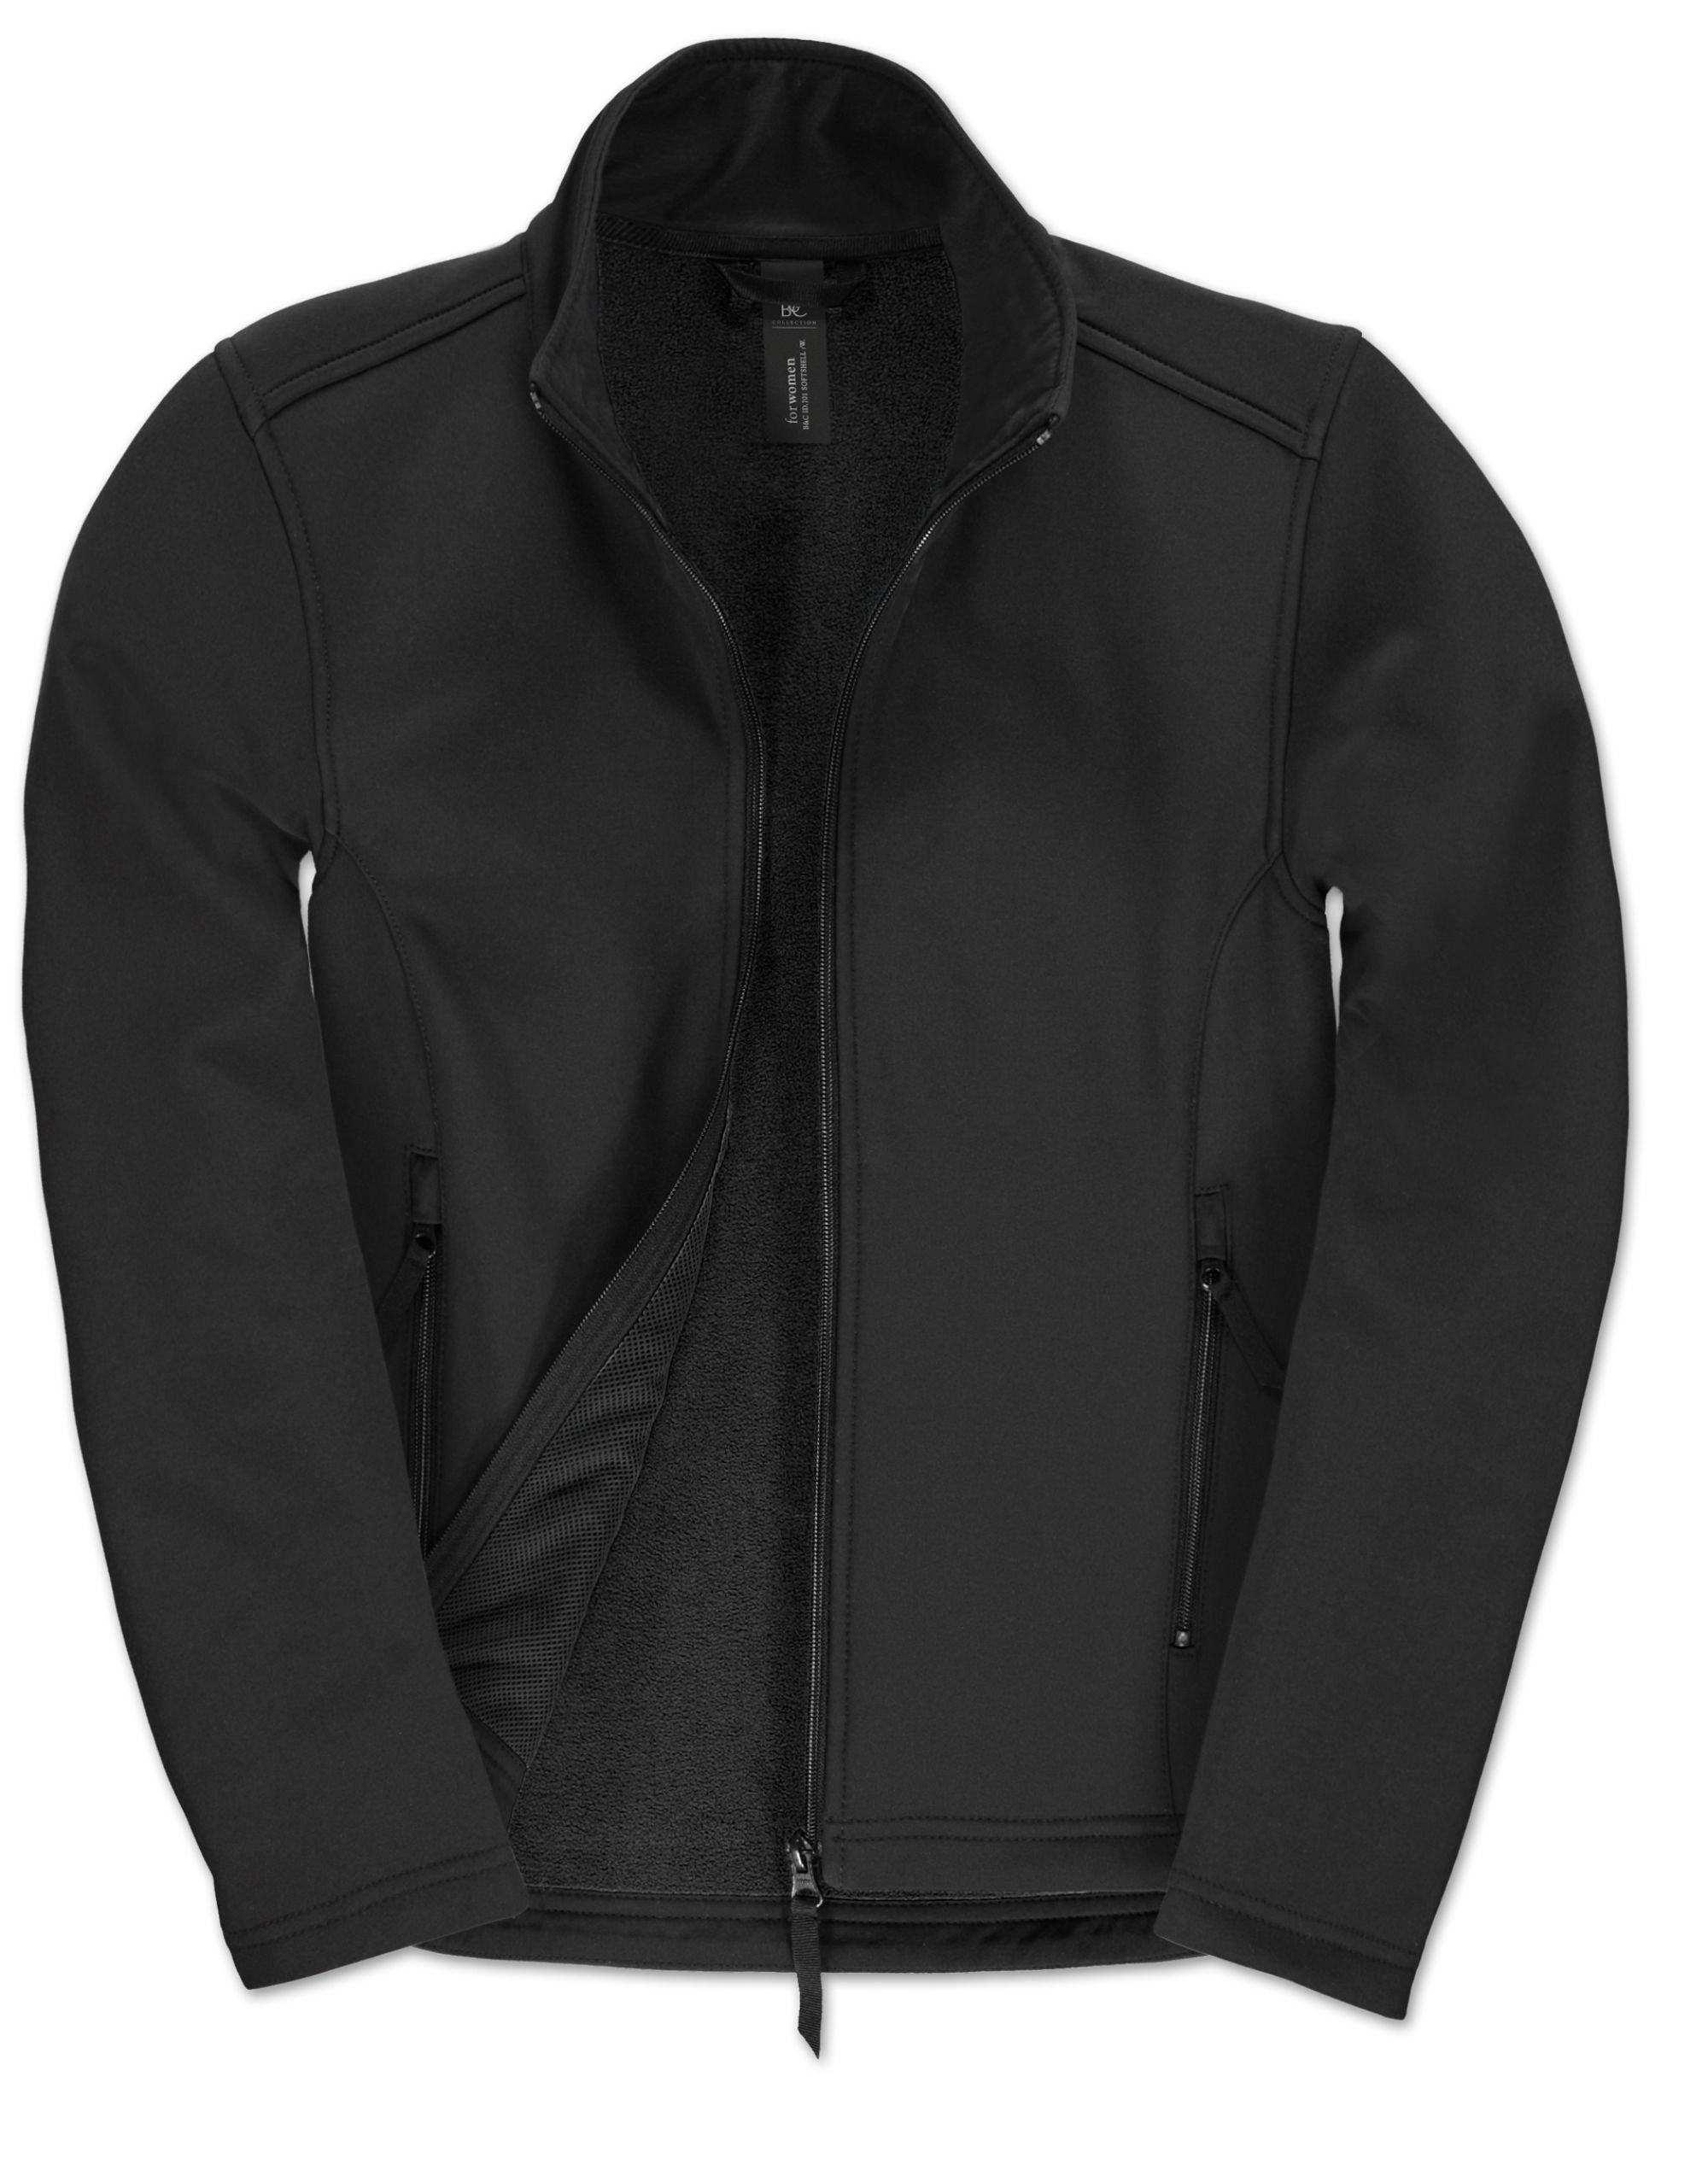 B&c Id.701 Softshell Jacket Womens